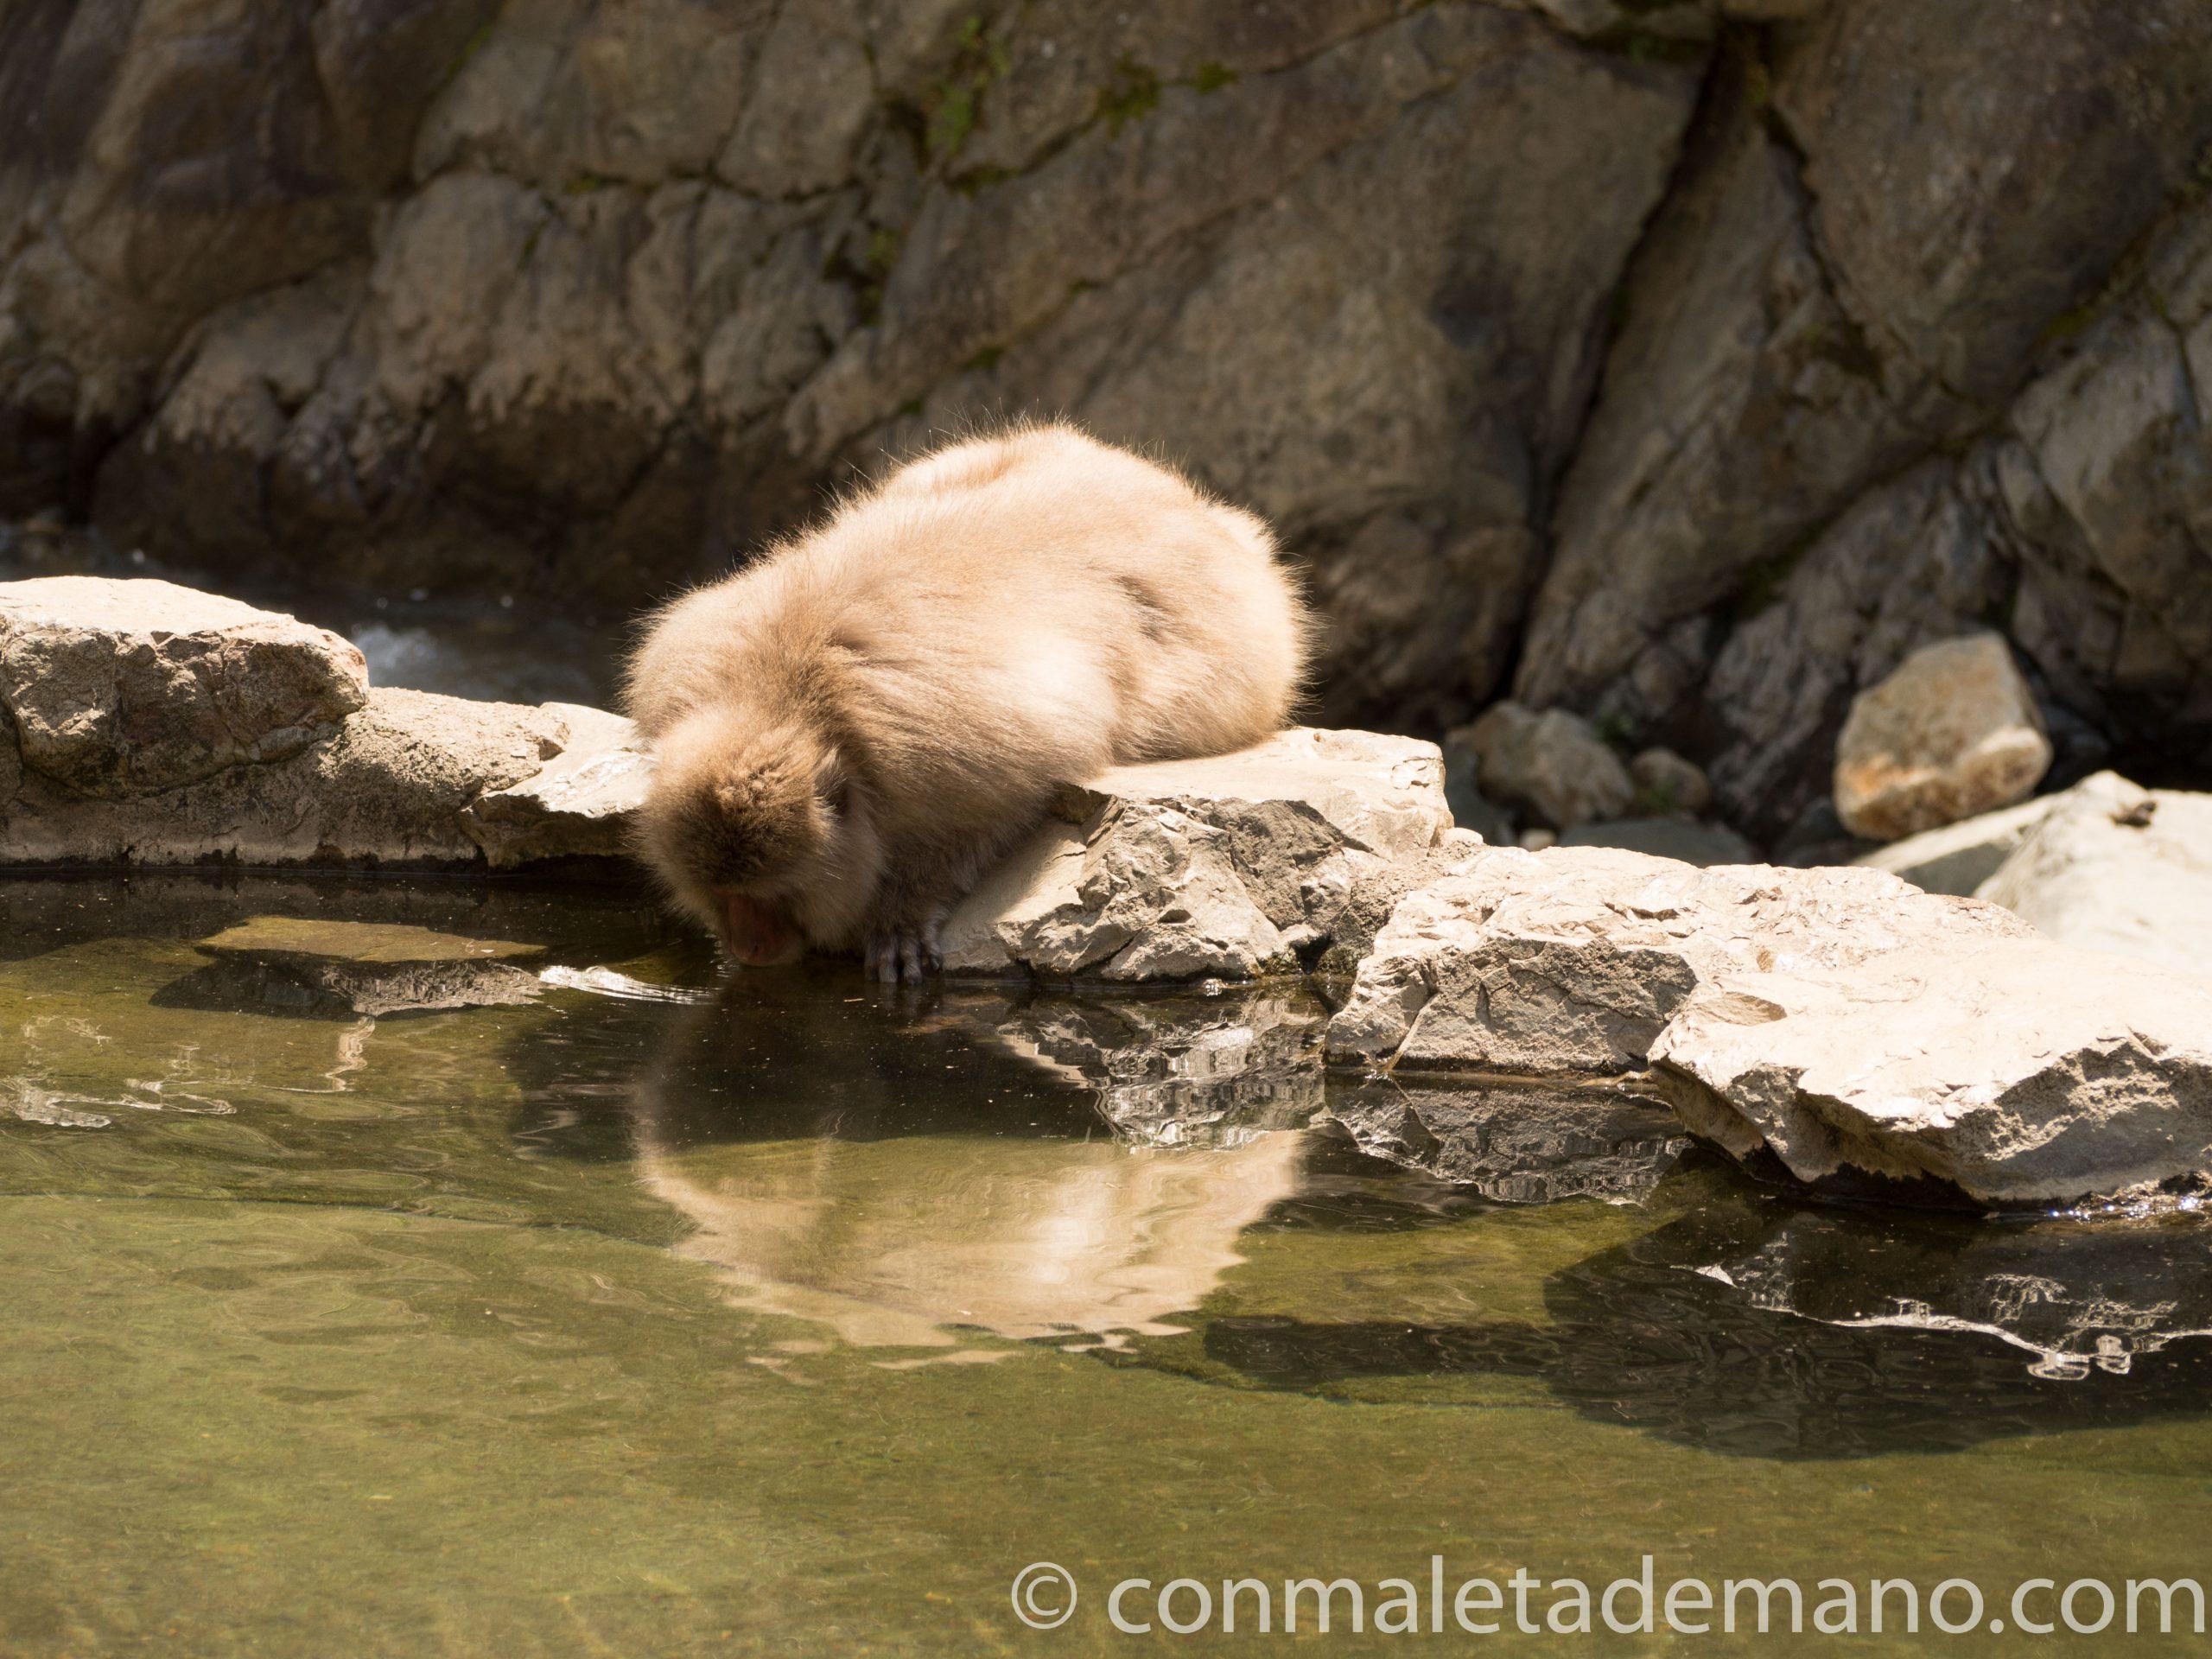 Macaco pensando si se mete en el agua o no